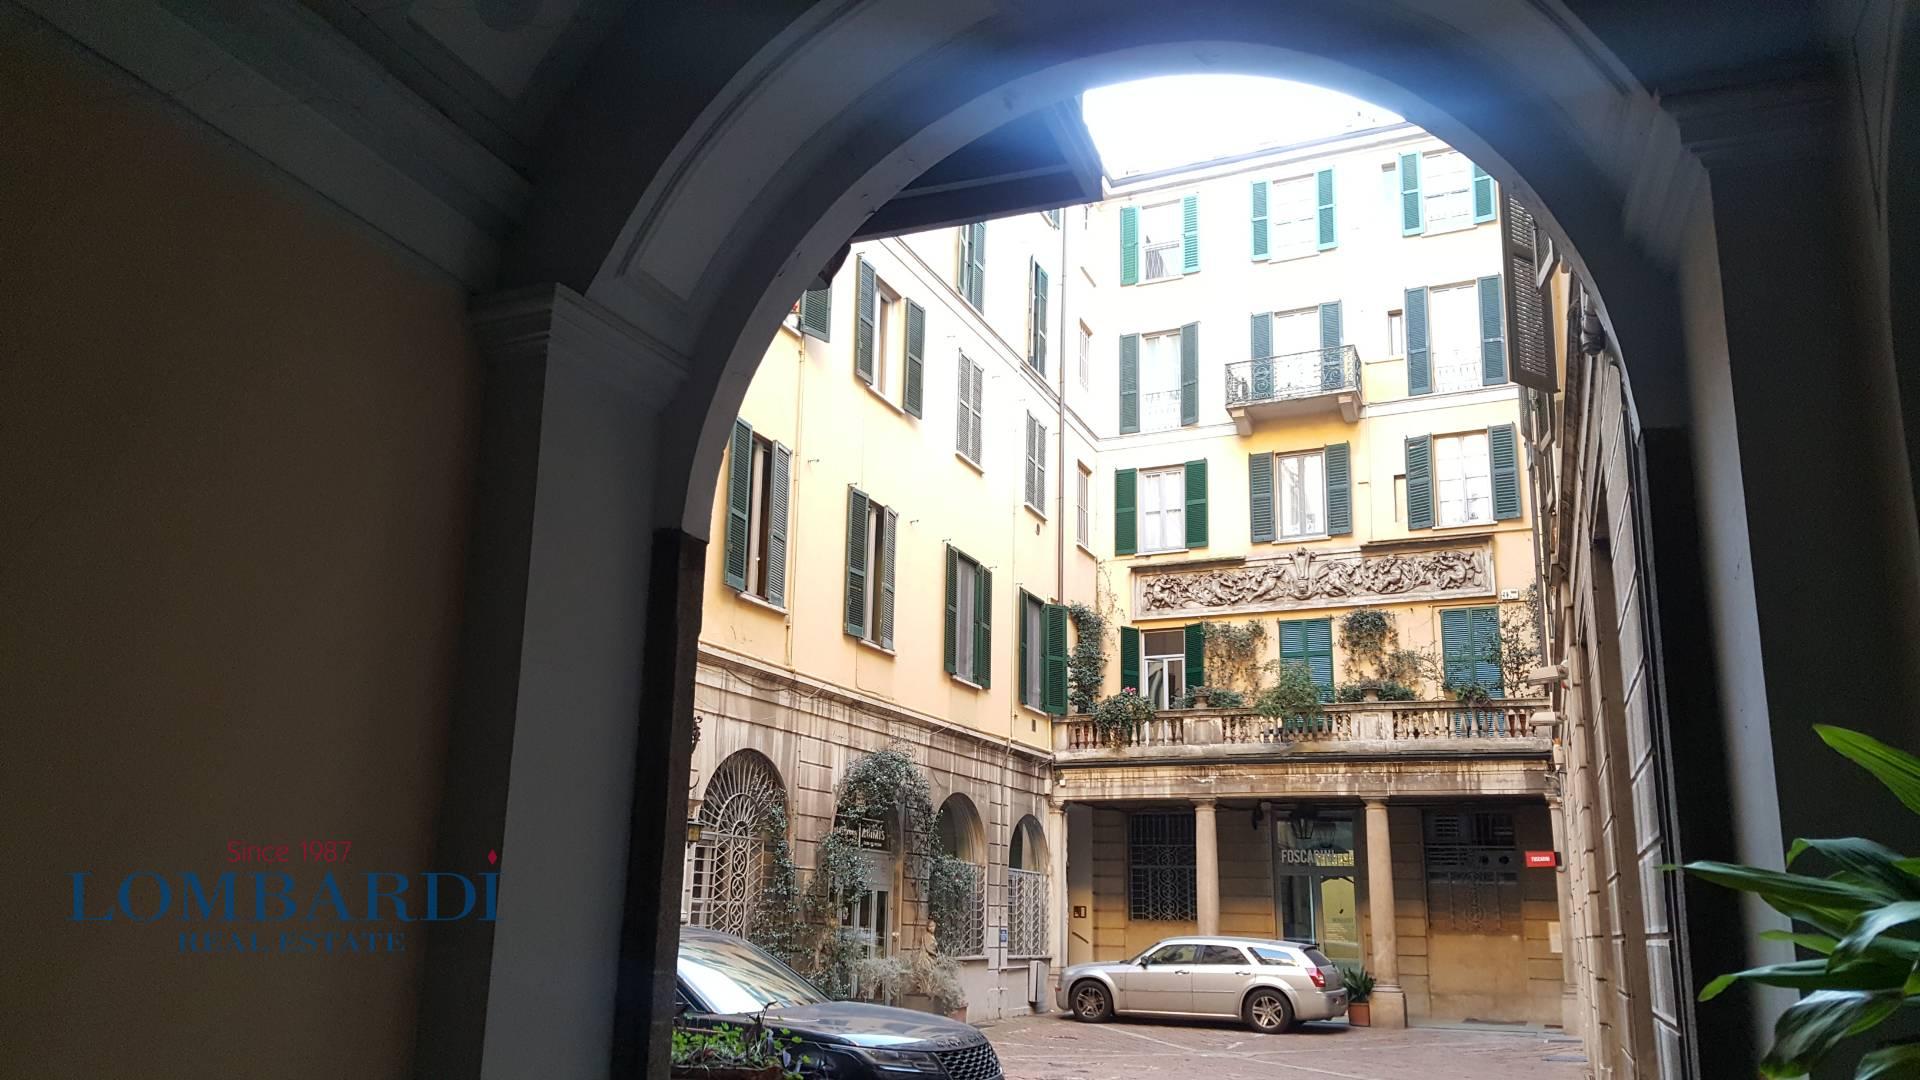 APPARTAMENTO in Affitto a Brera, Milano (MILANO)